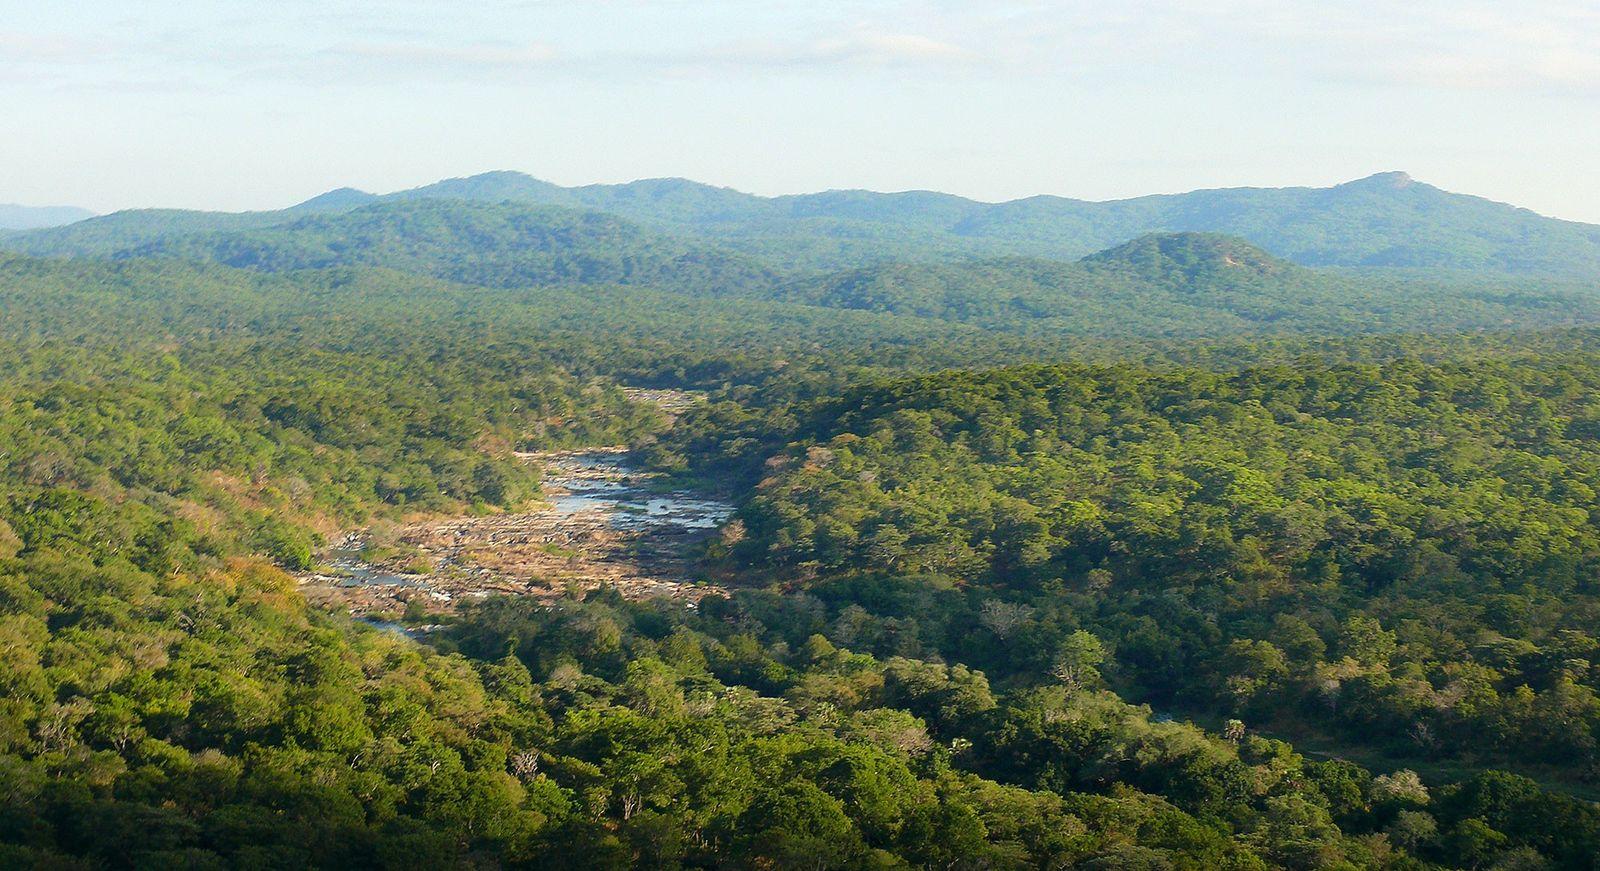 Nkhotakota Wildlife Reserve